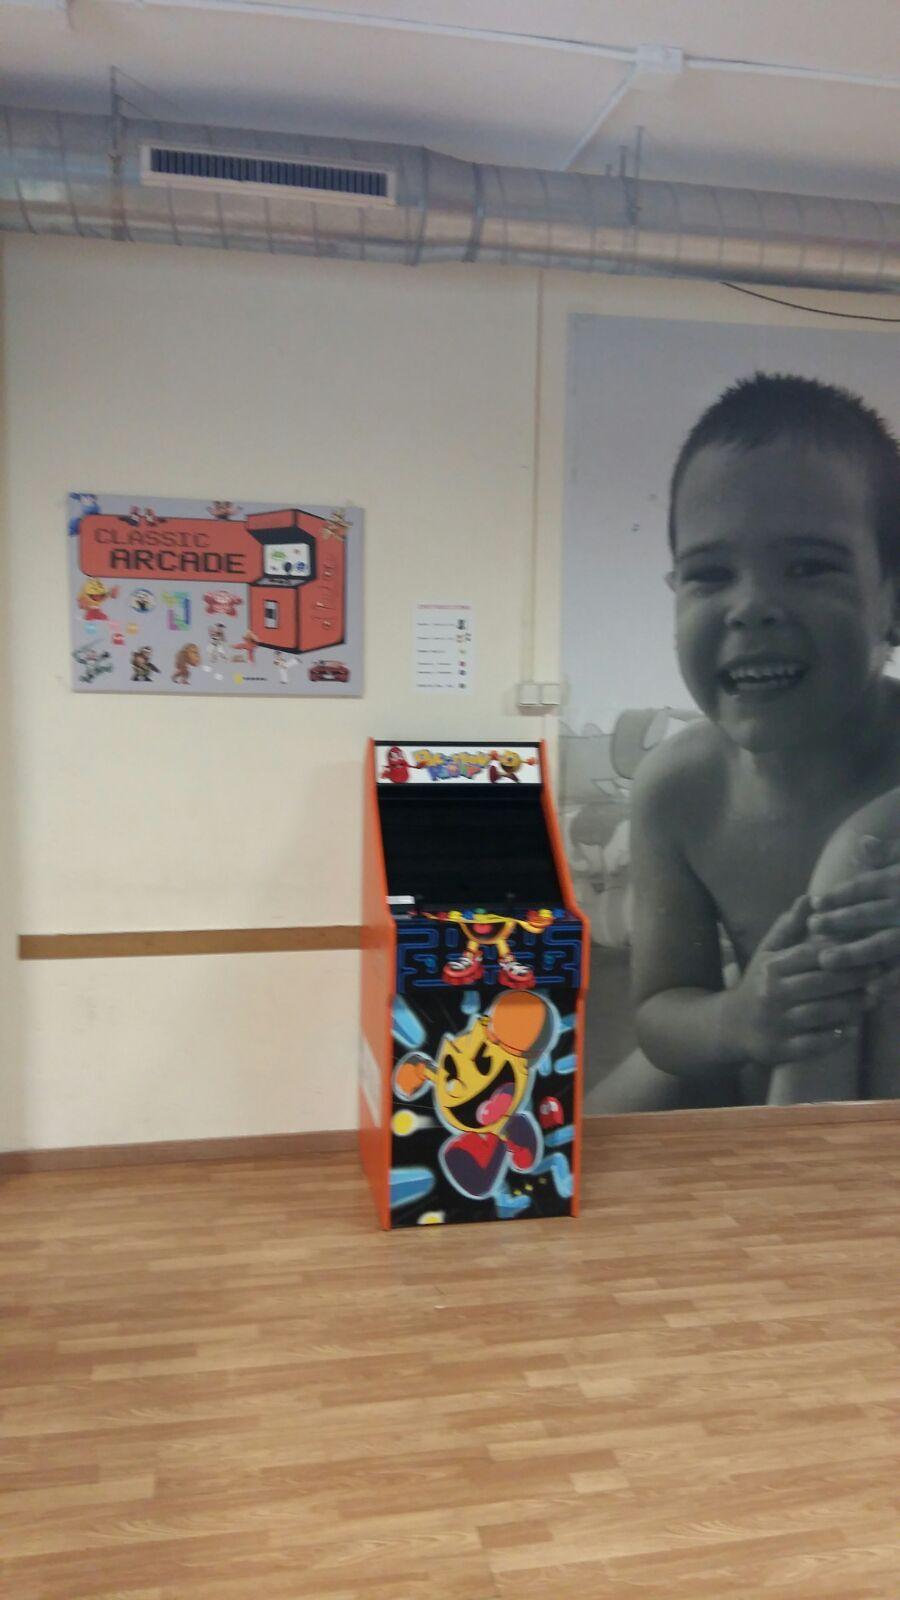 Maquina videojocs Arcade - Al teu aire